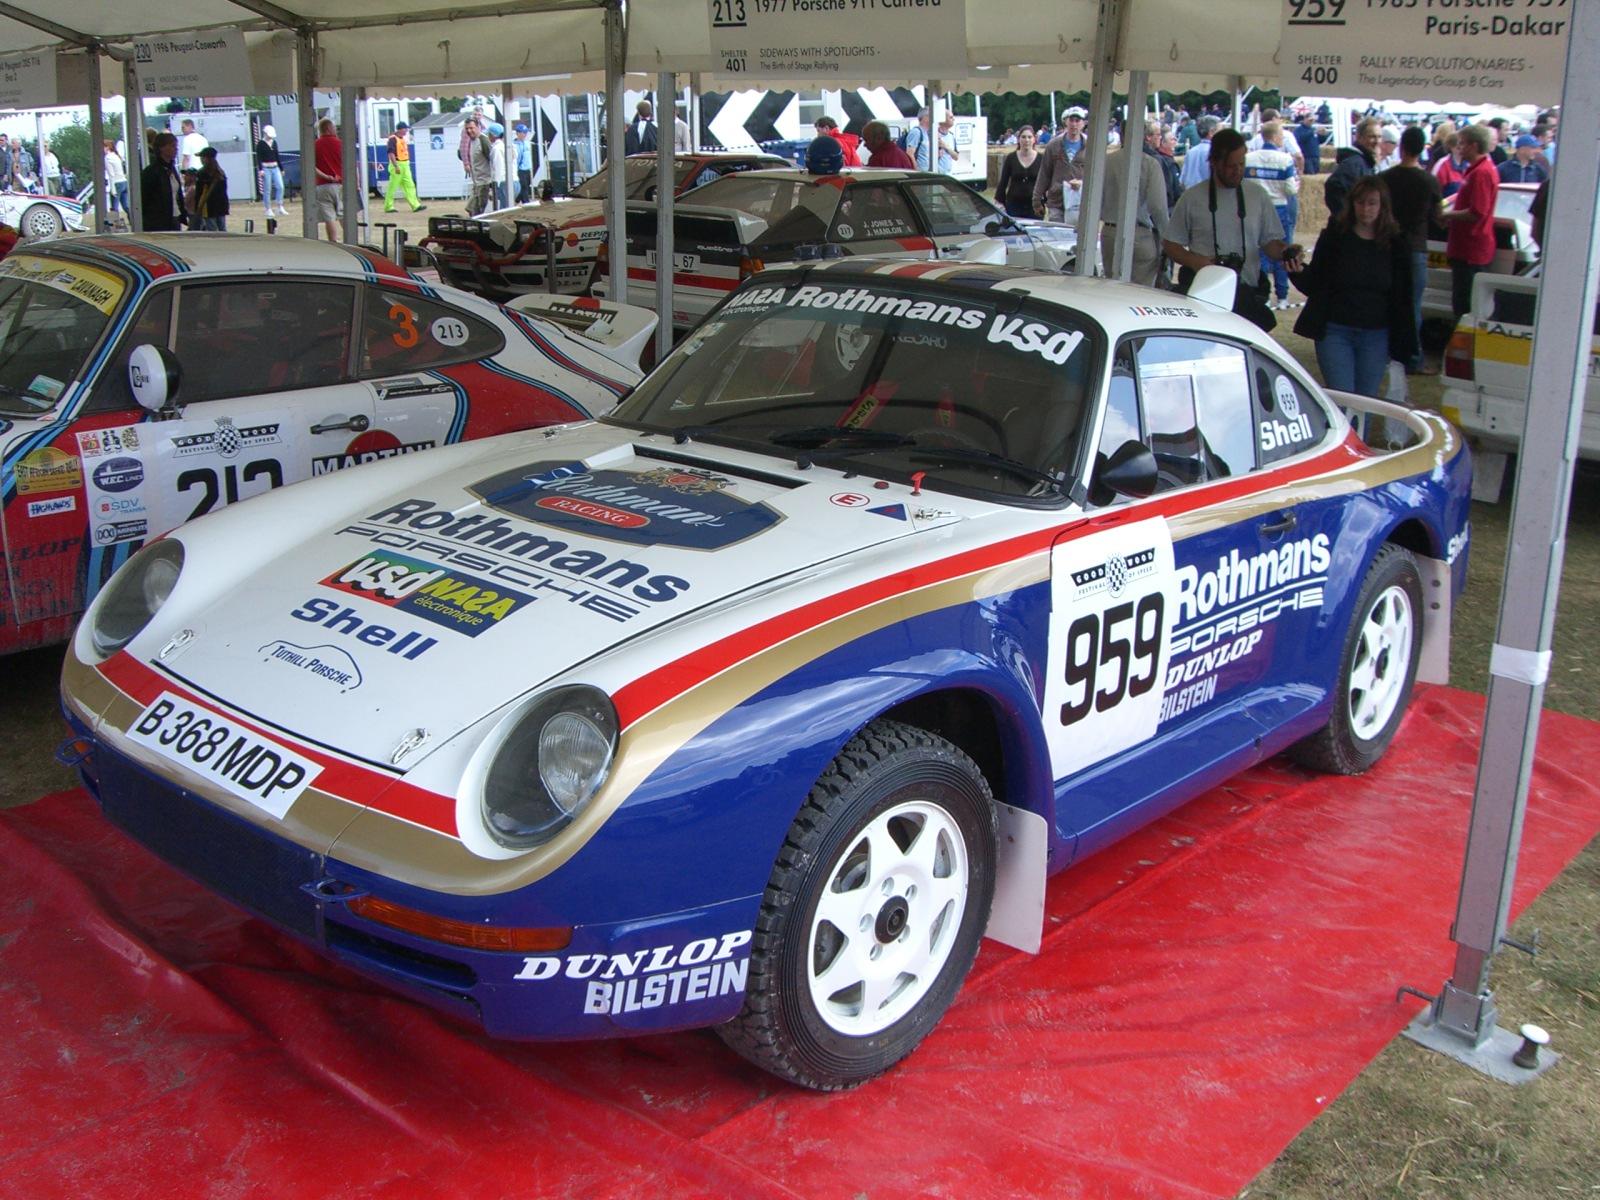 Porsche_959_Dakar.jpg